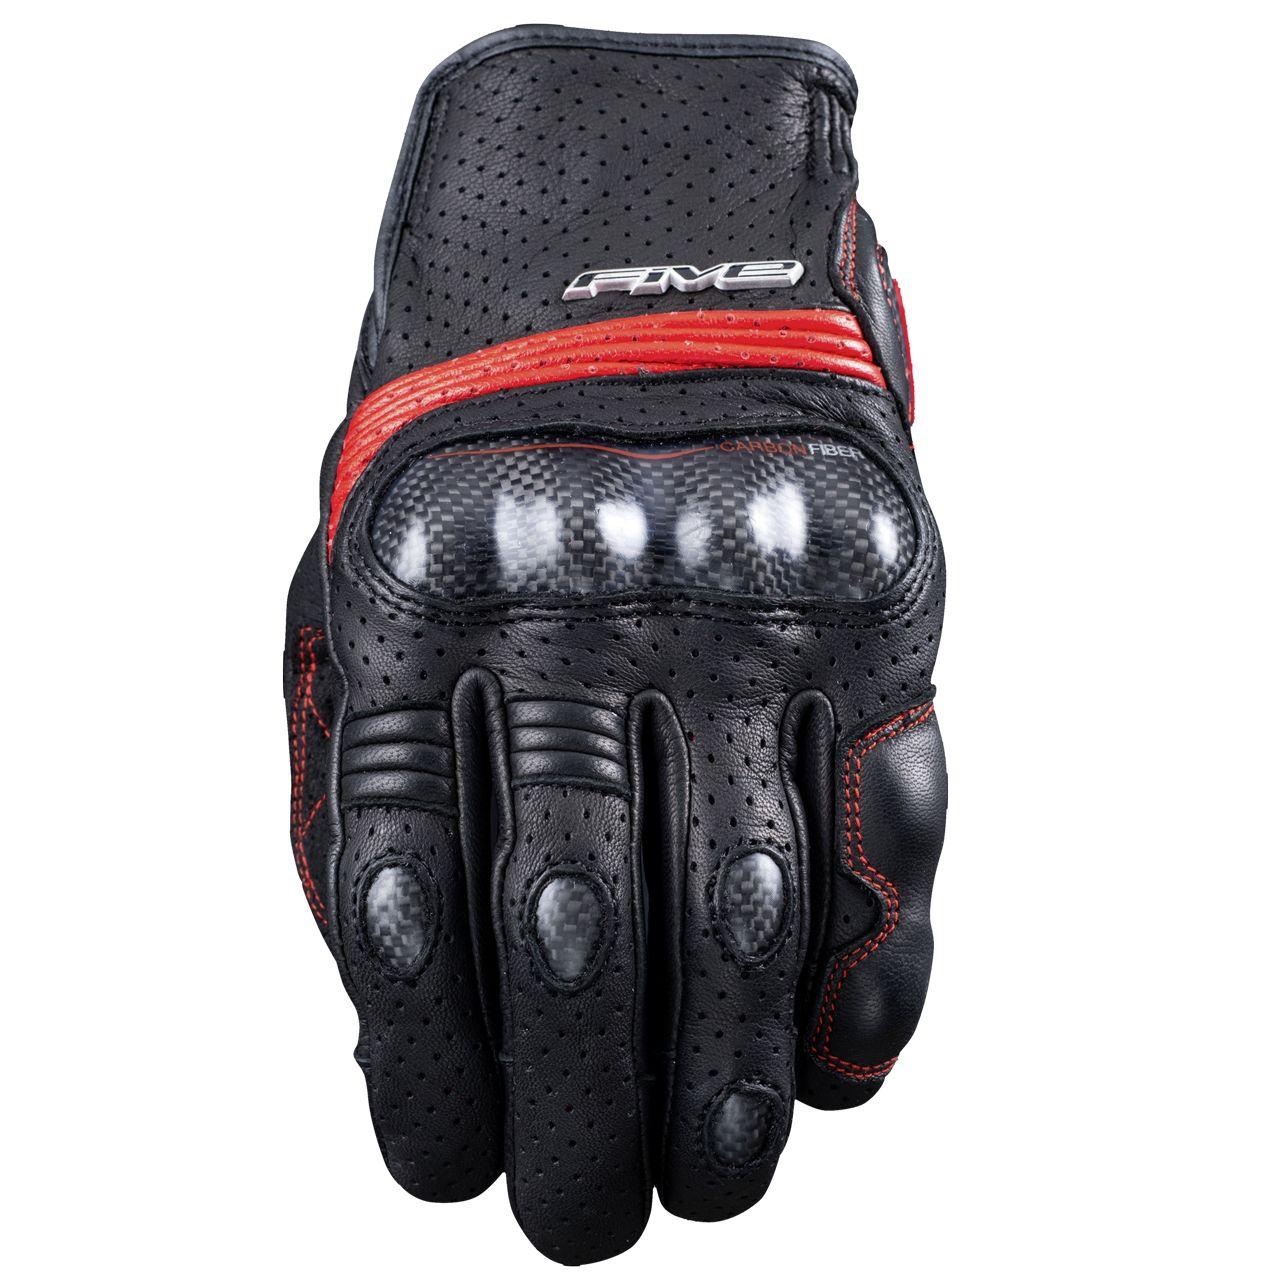 gants five sportcity s carbon gants moto. Black Bedroom Furniture Sets. Home Design Ideas